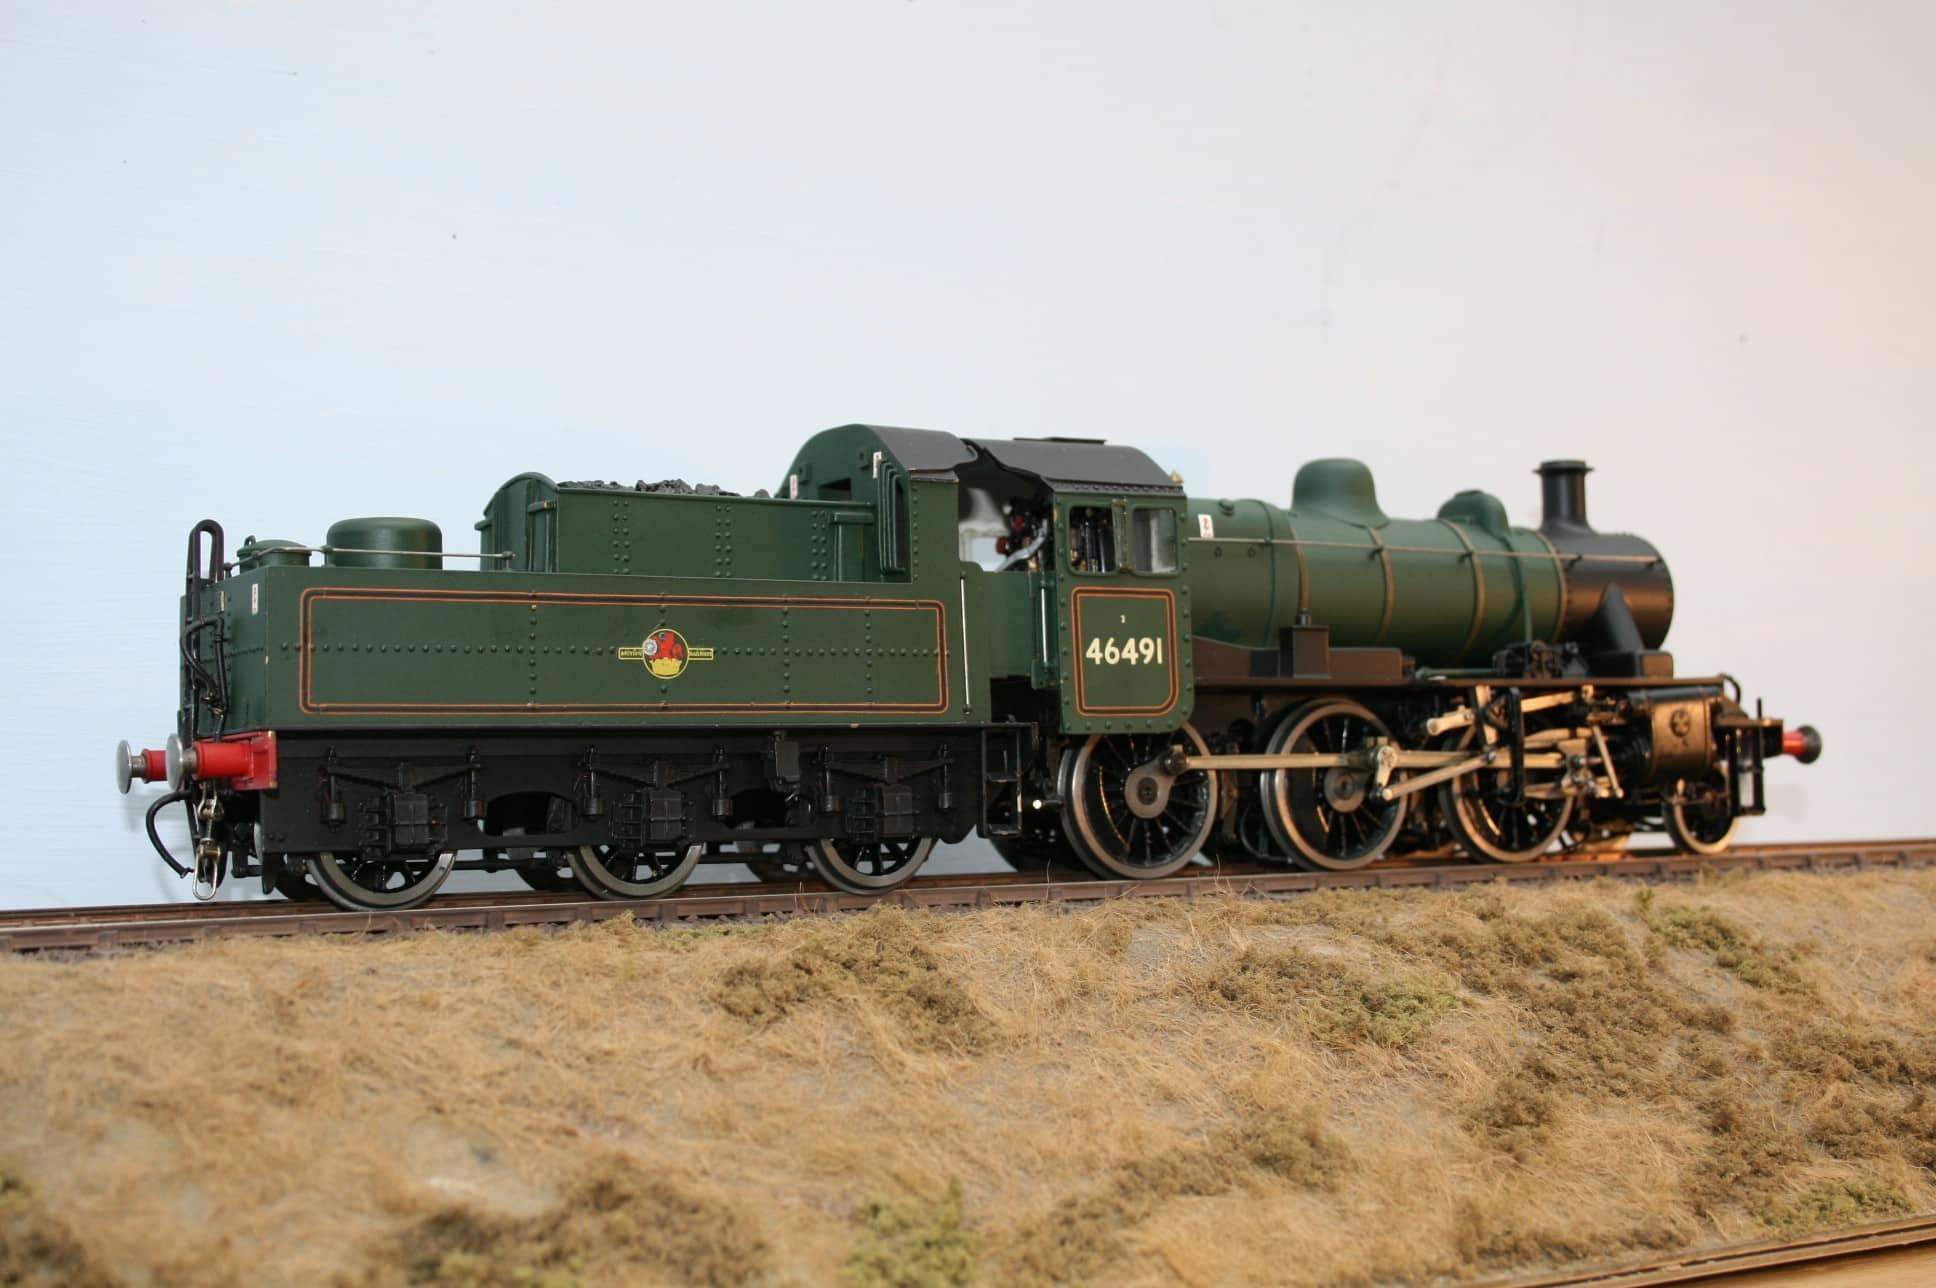 BR Ivatt Class 2 2-6-0 tender engine 46491 late crest